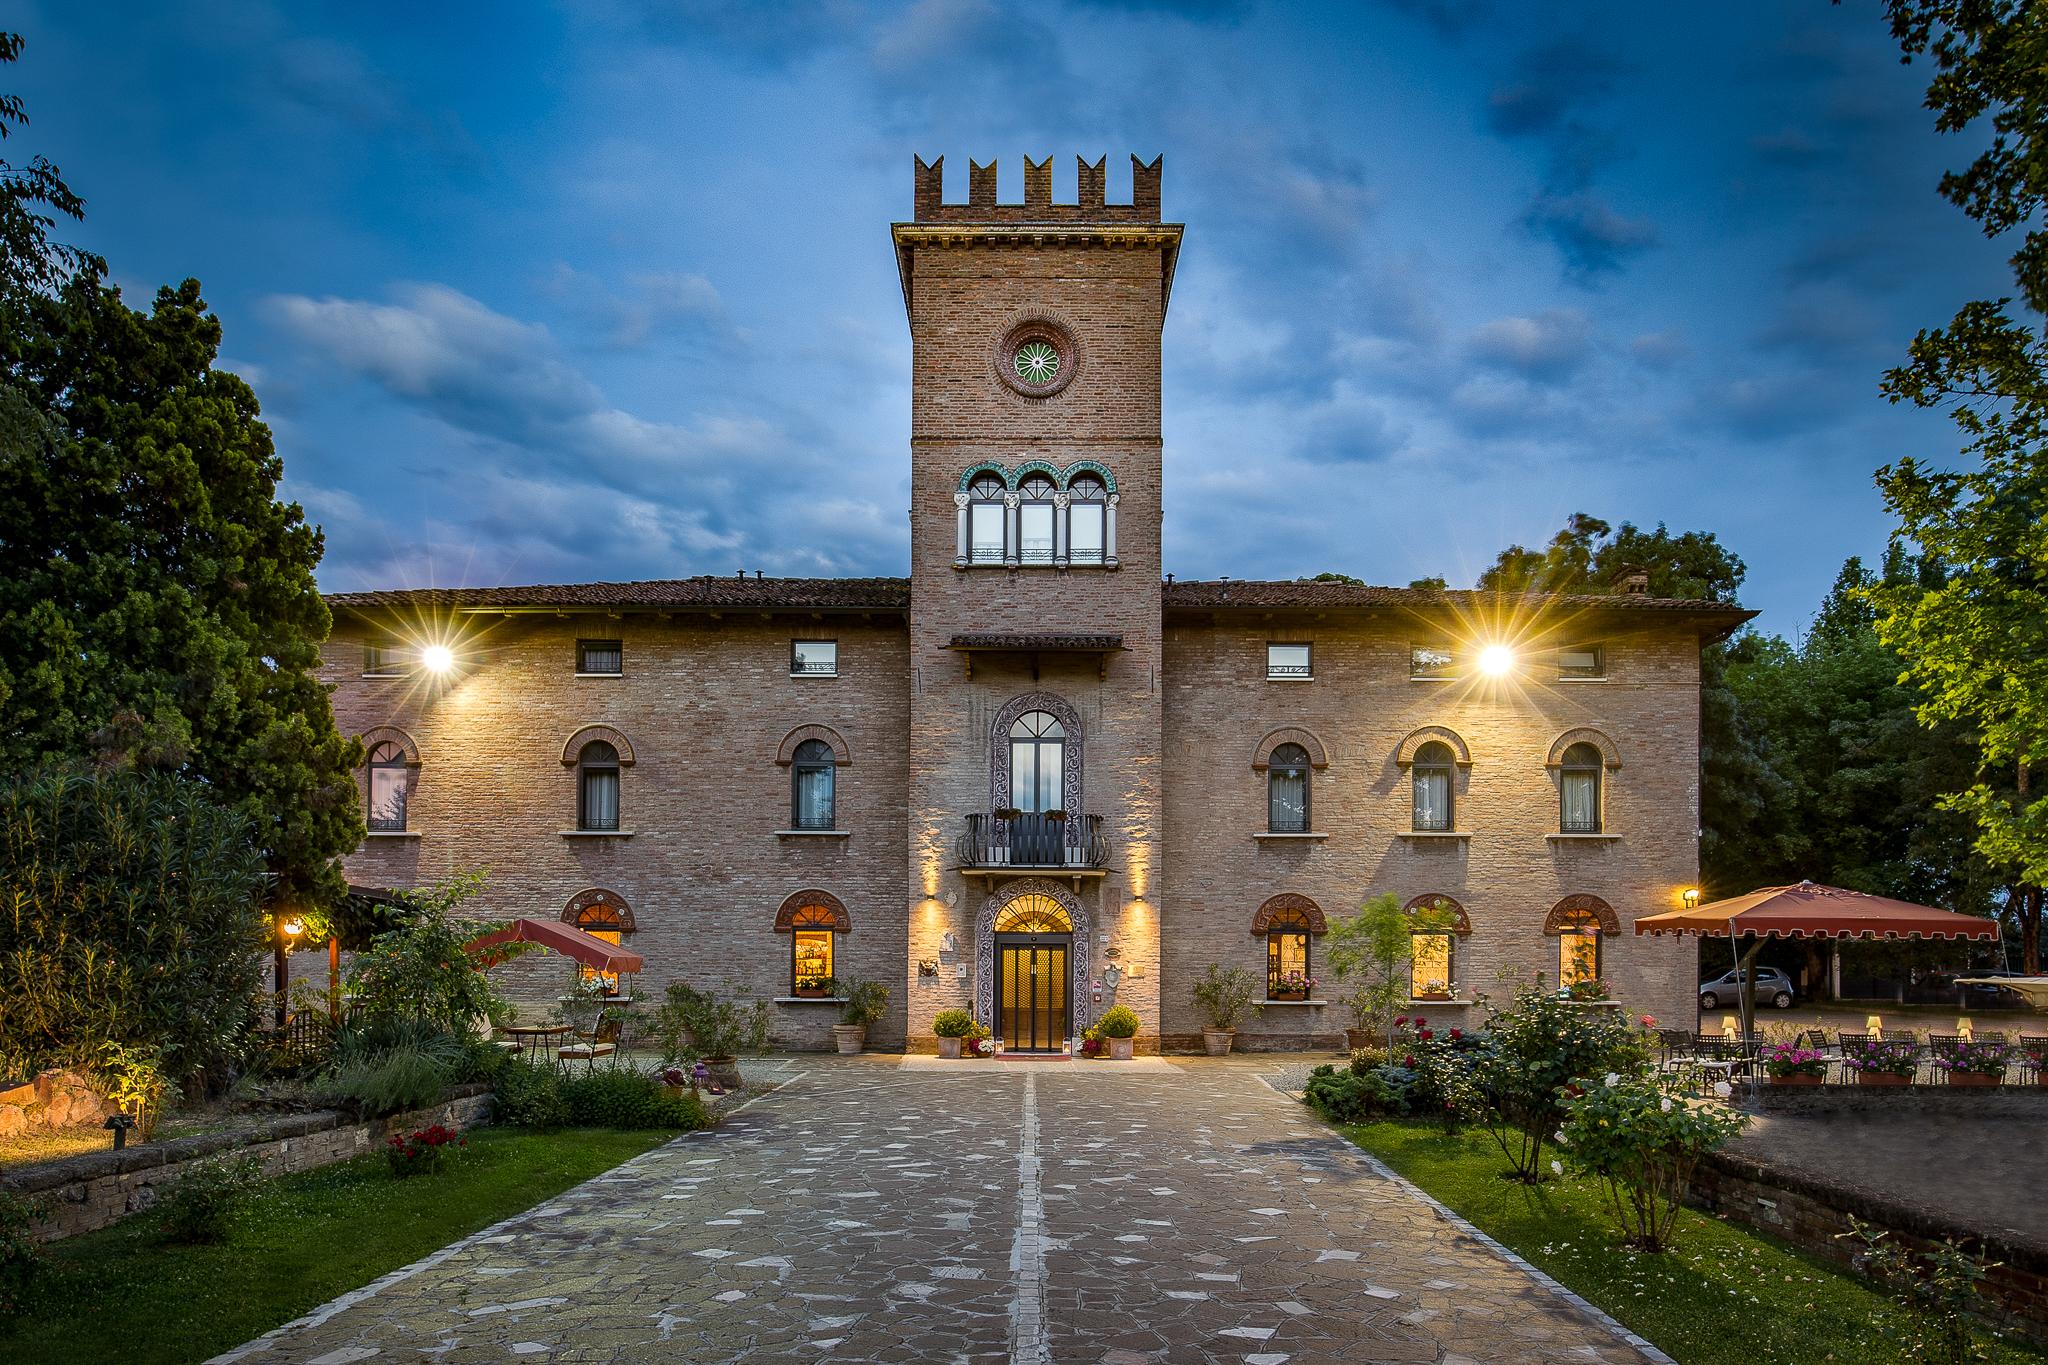 hotel_castello-8296-HDR-2-174